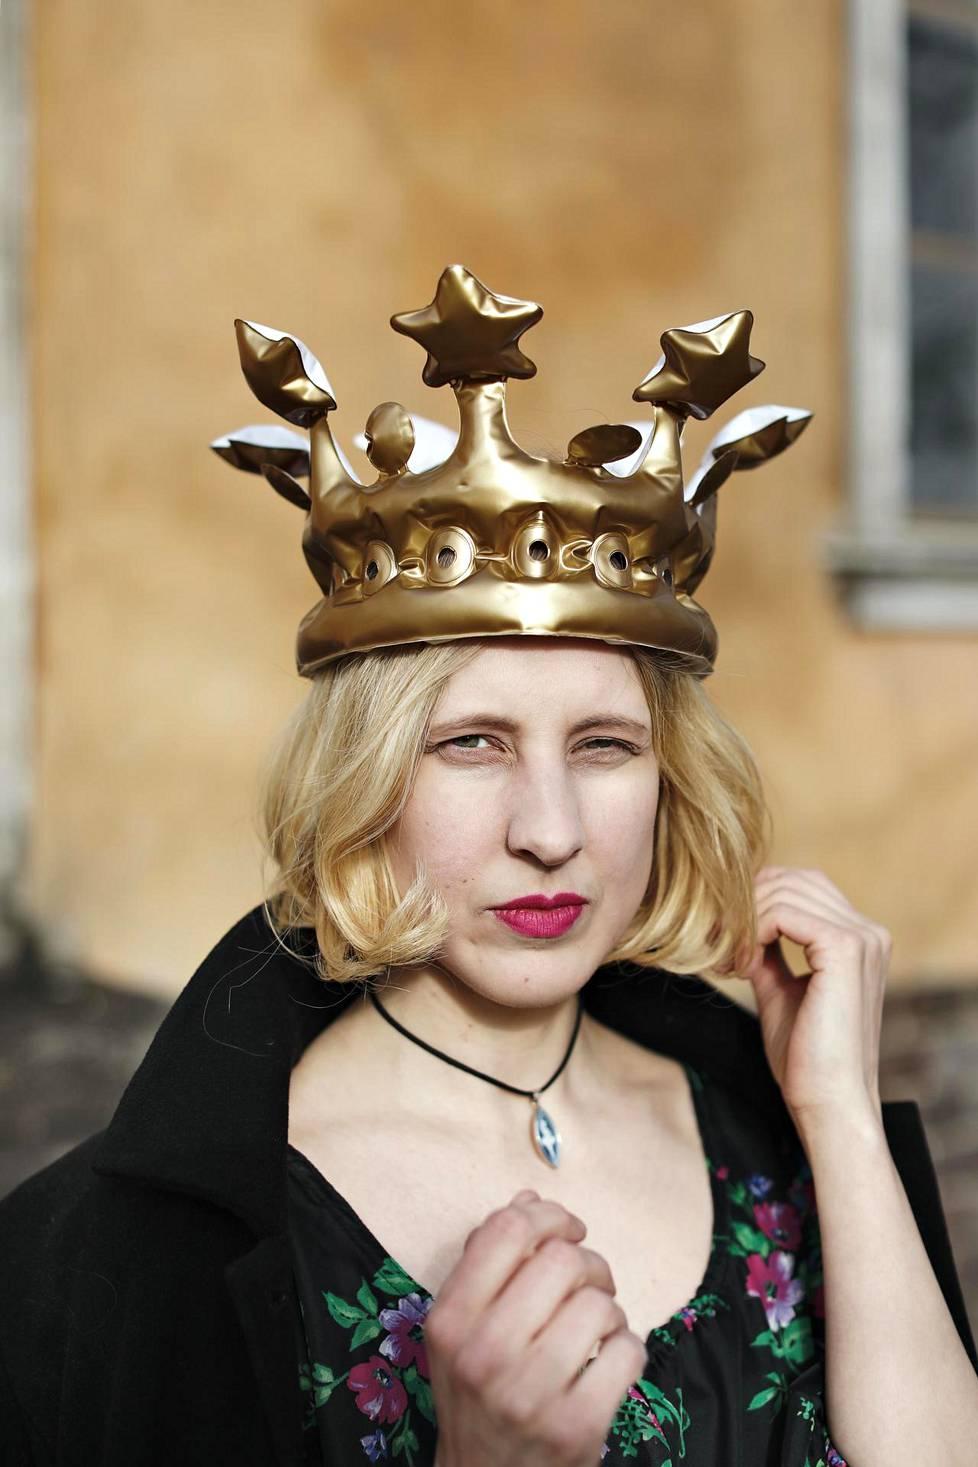 Anu Kaajaa kiinnostavat kuninkaalliset ja heidän palvojansa. Siksi hän veti epäröimättä muovikruunun päähänsä kuvaustilanteessa.